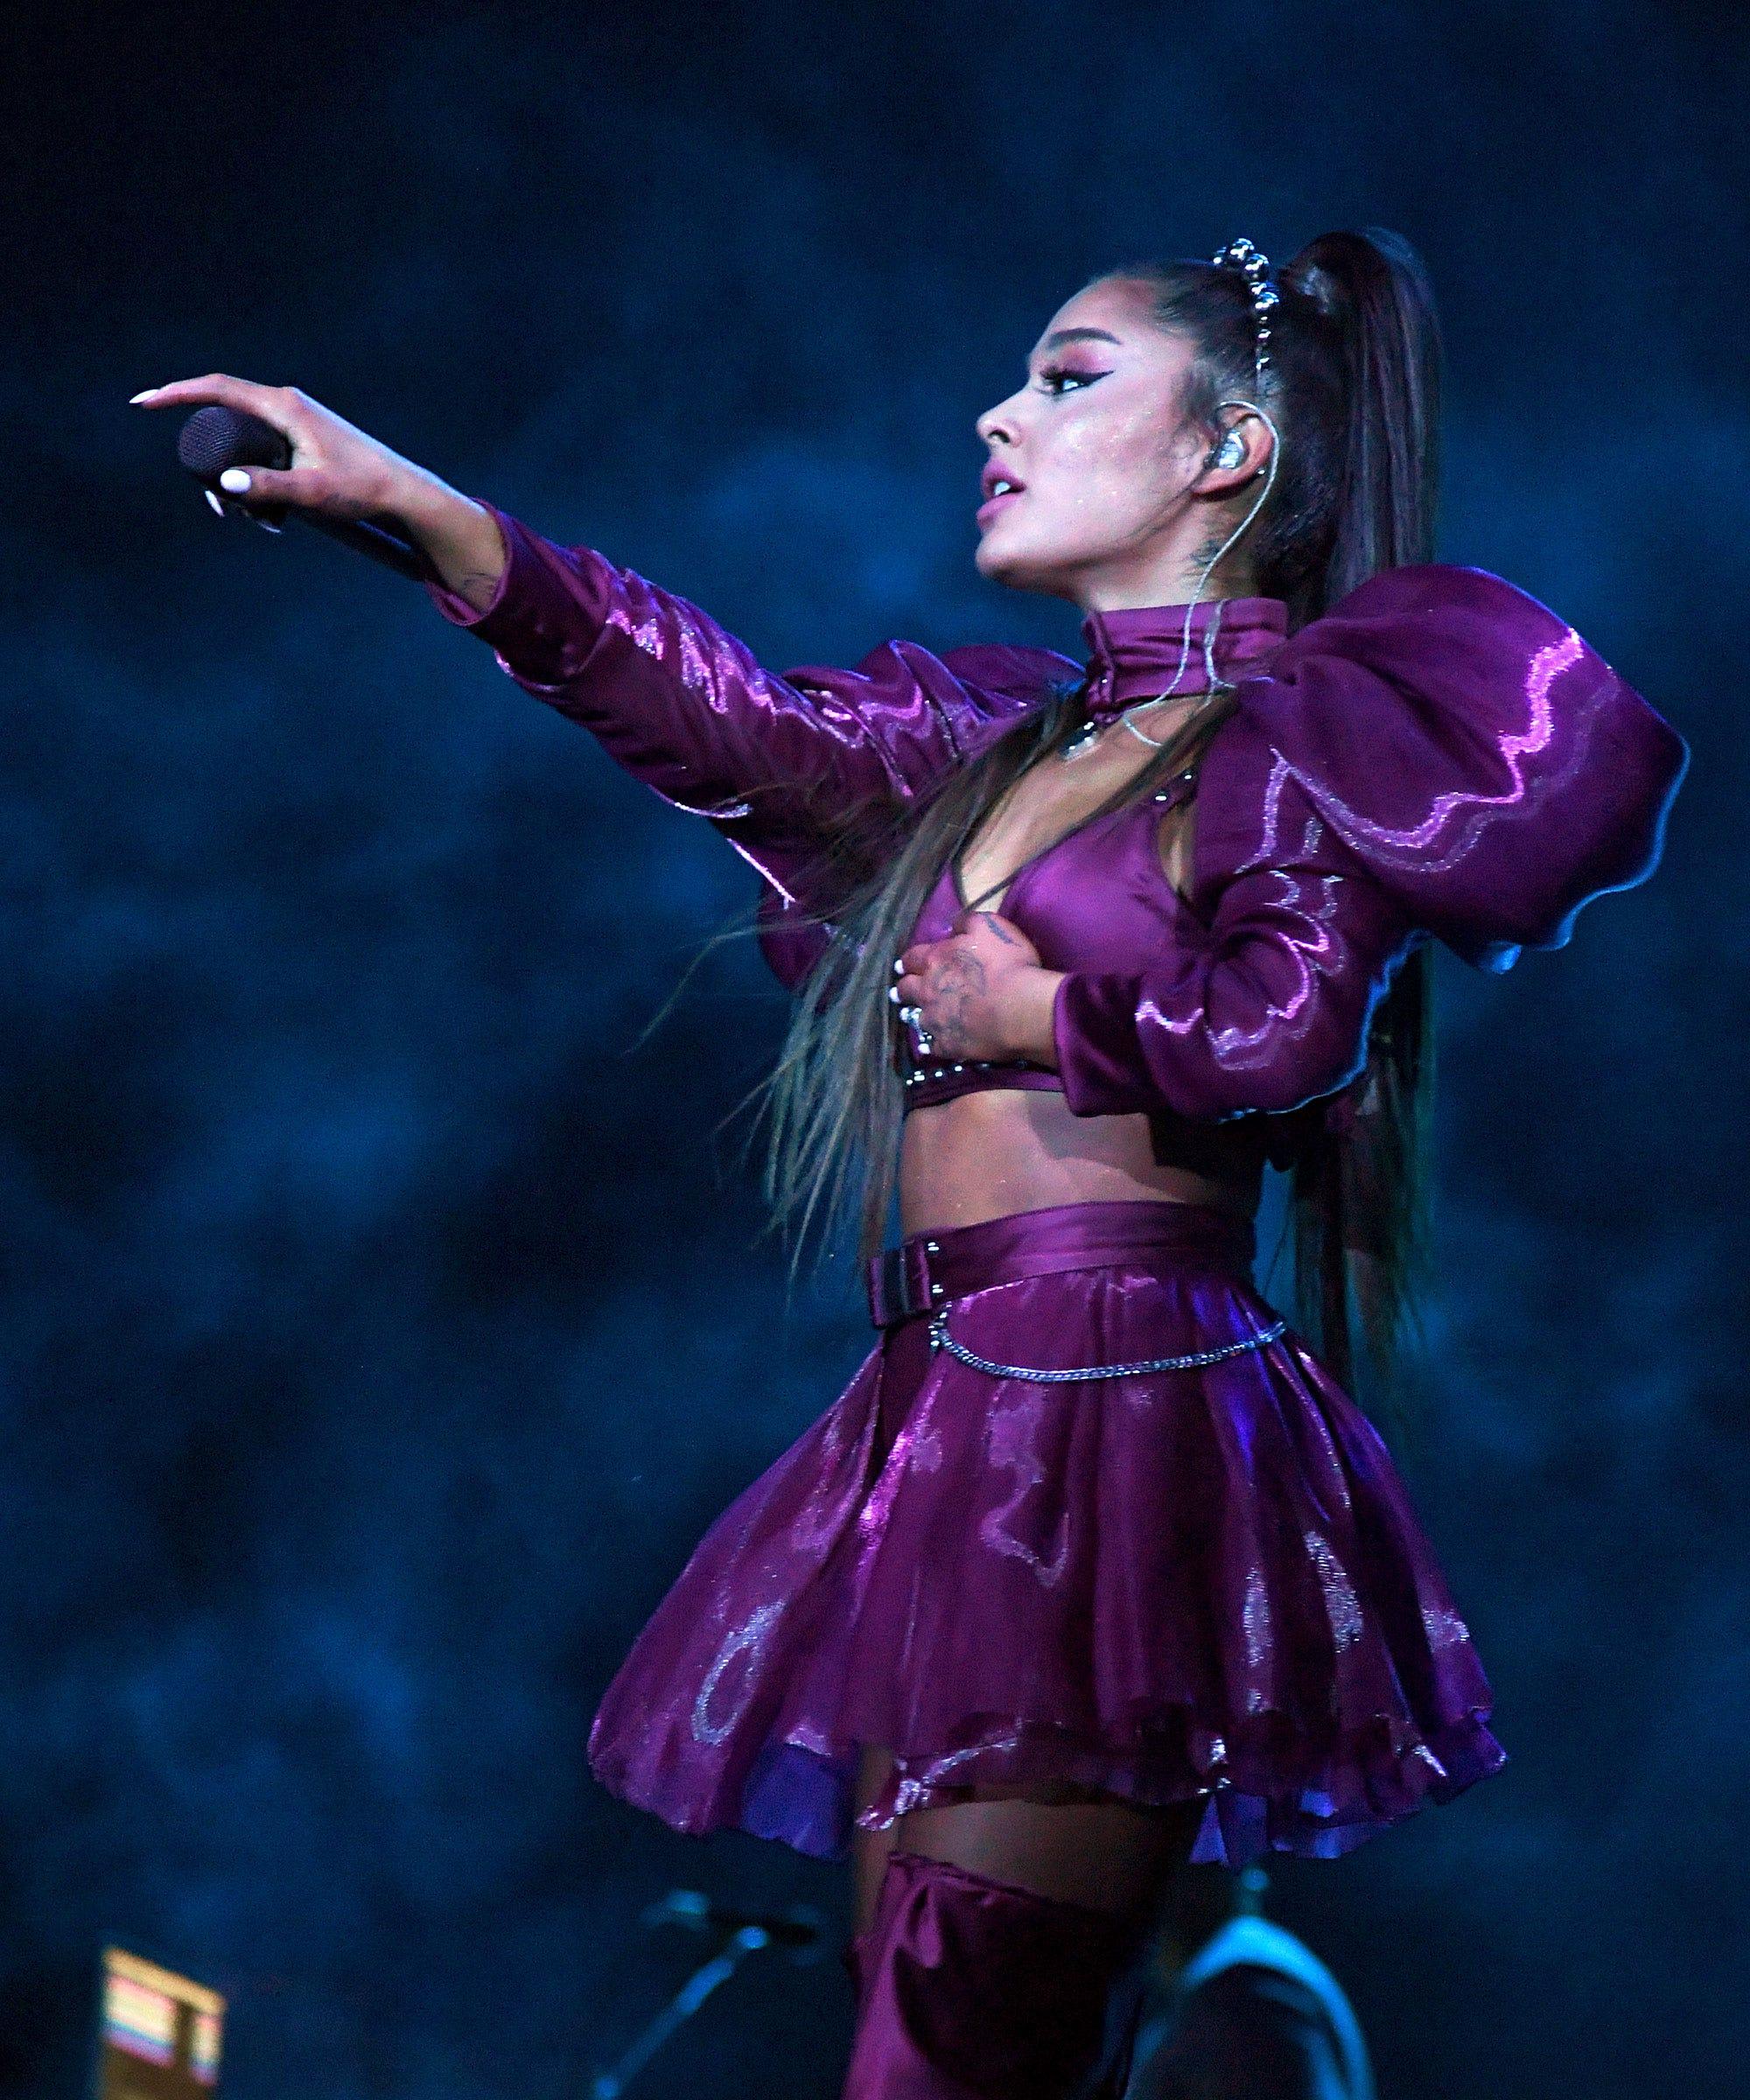 Ariana Grande's Breakfast At Tiffany's Tattoo Predicted Her Givenchy Partnership